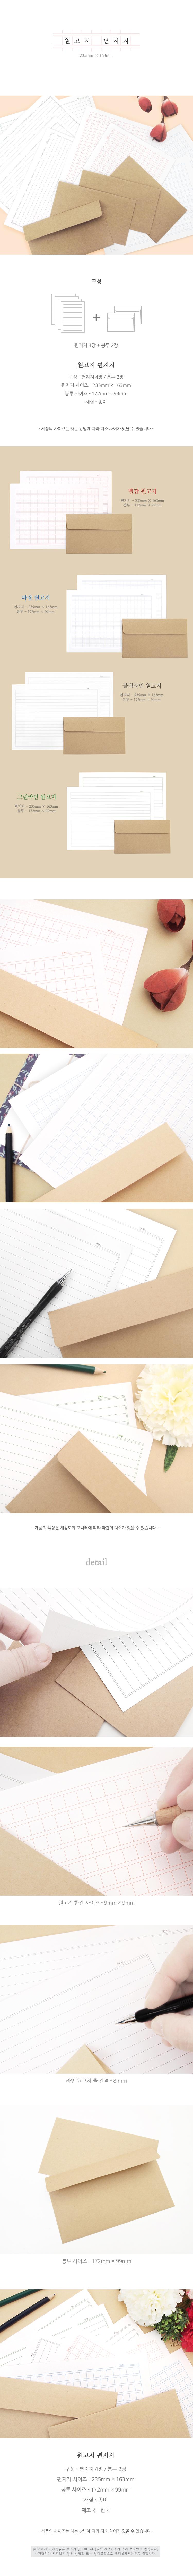 원고지 편지지 - 투영, 1,000원, 편지지, 심플 편지지